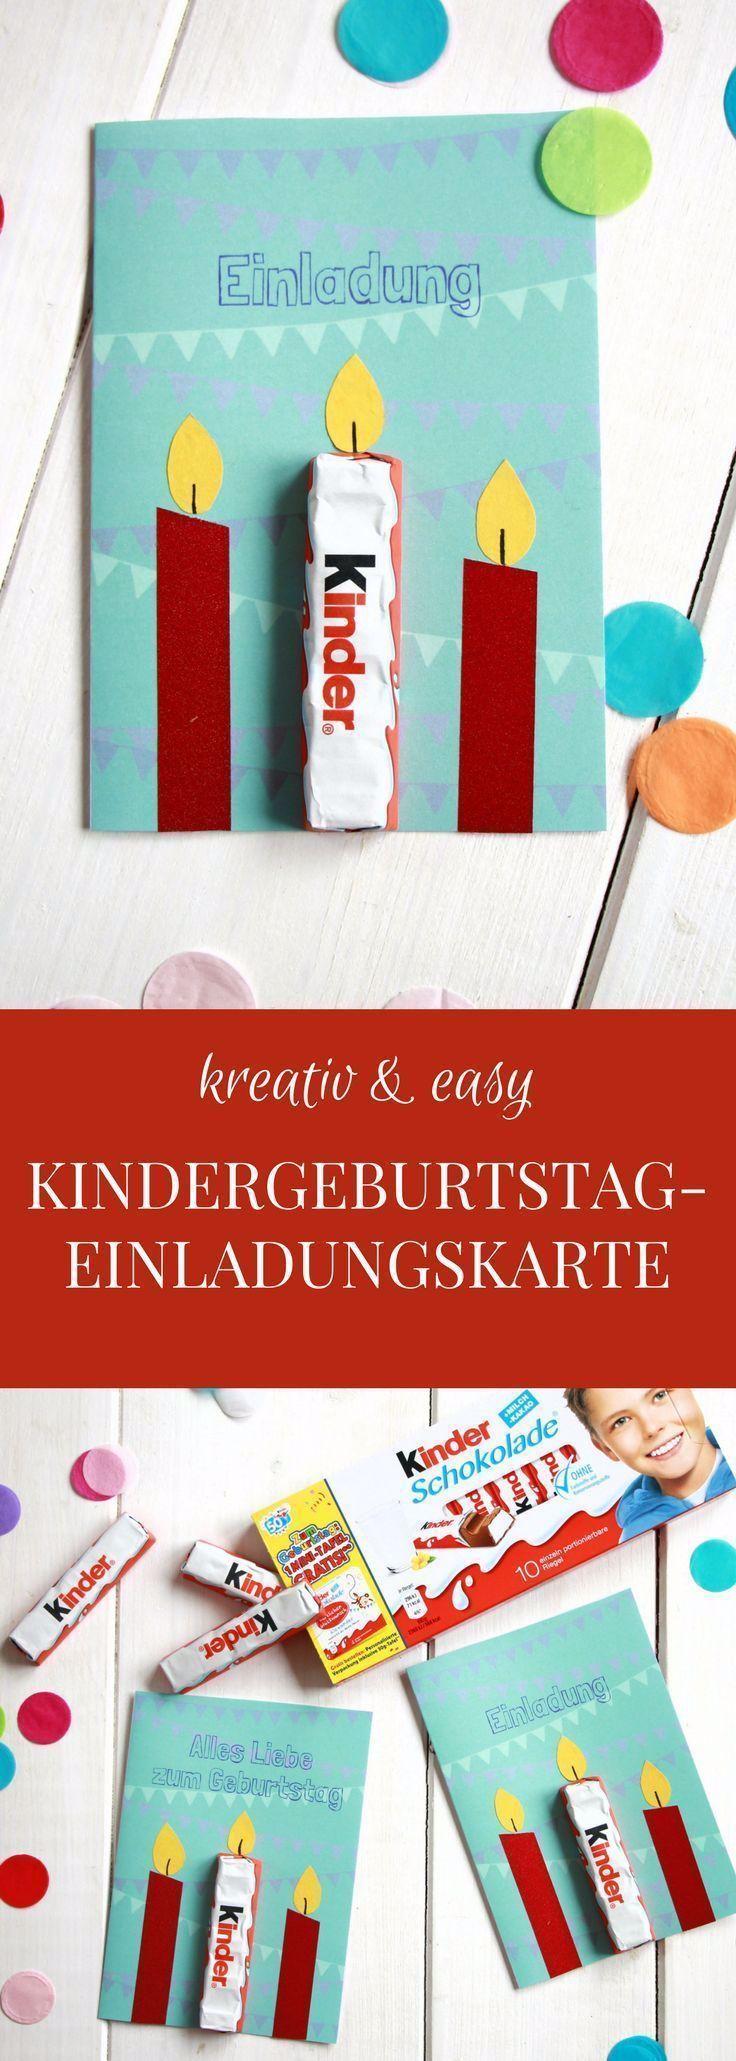 Anzeige Kindergeburtstag feiern Ideen für eine